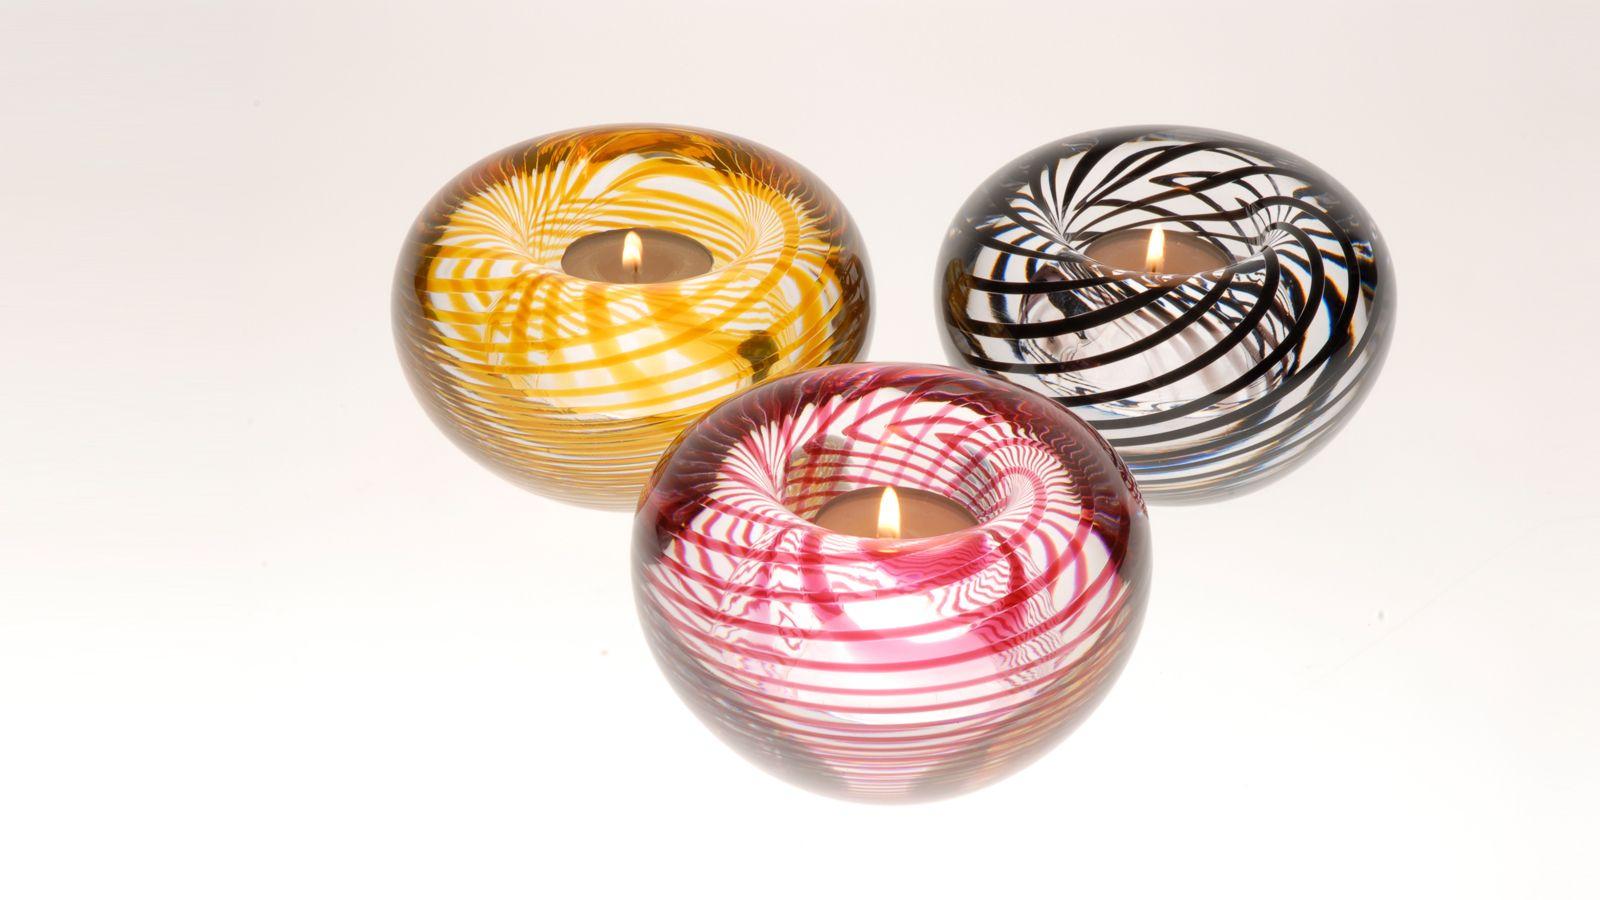 Stewart Hearn Hand Blown Glass Spiral Tea Lights, a Selection